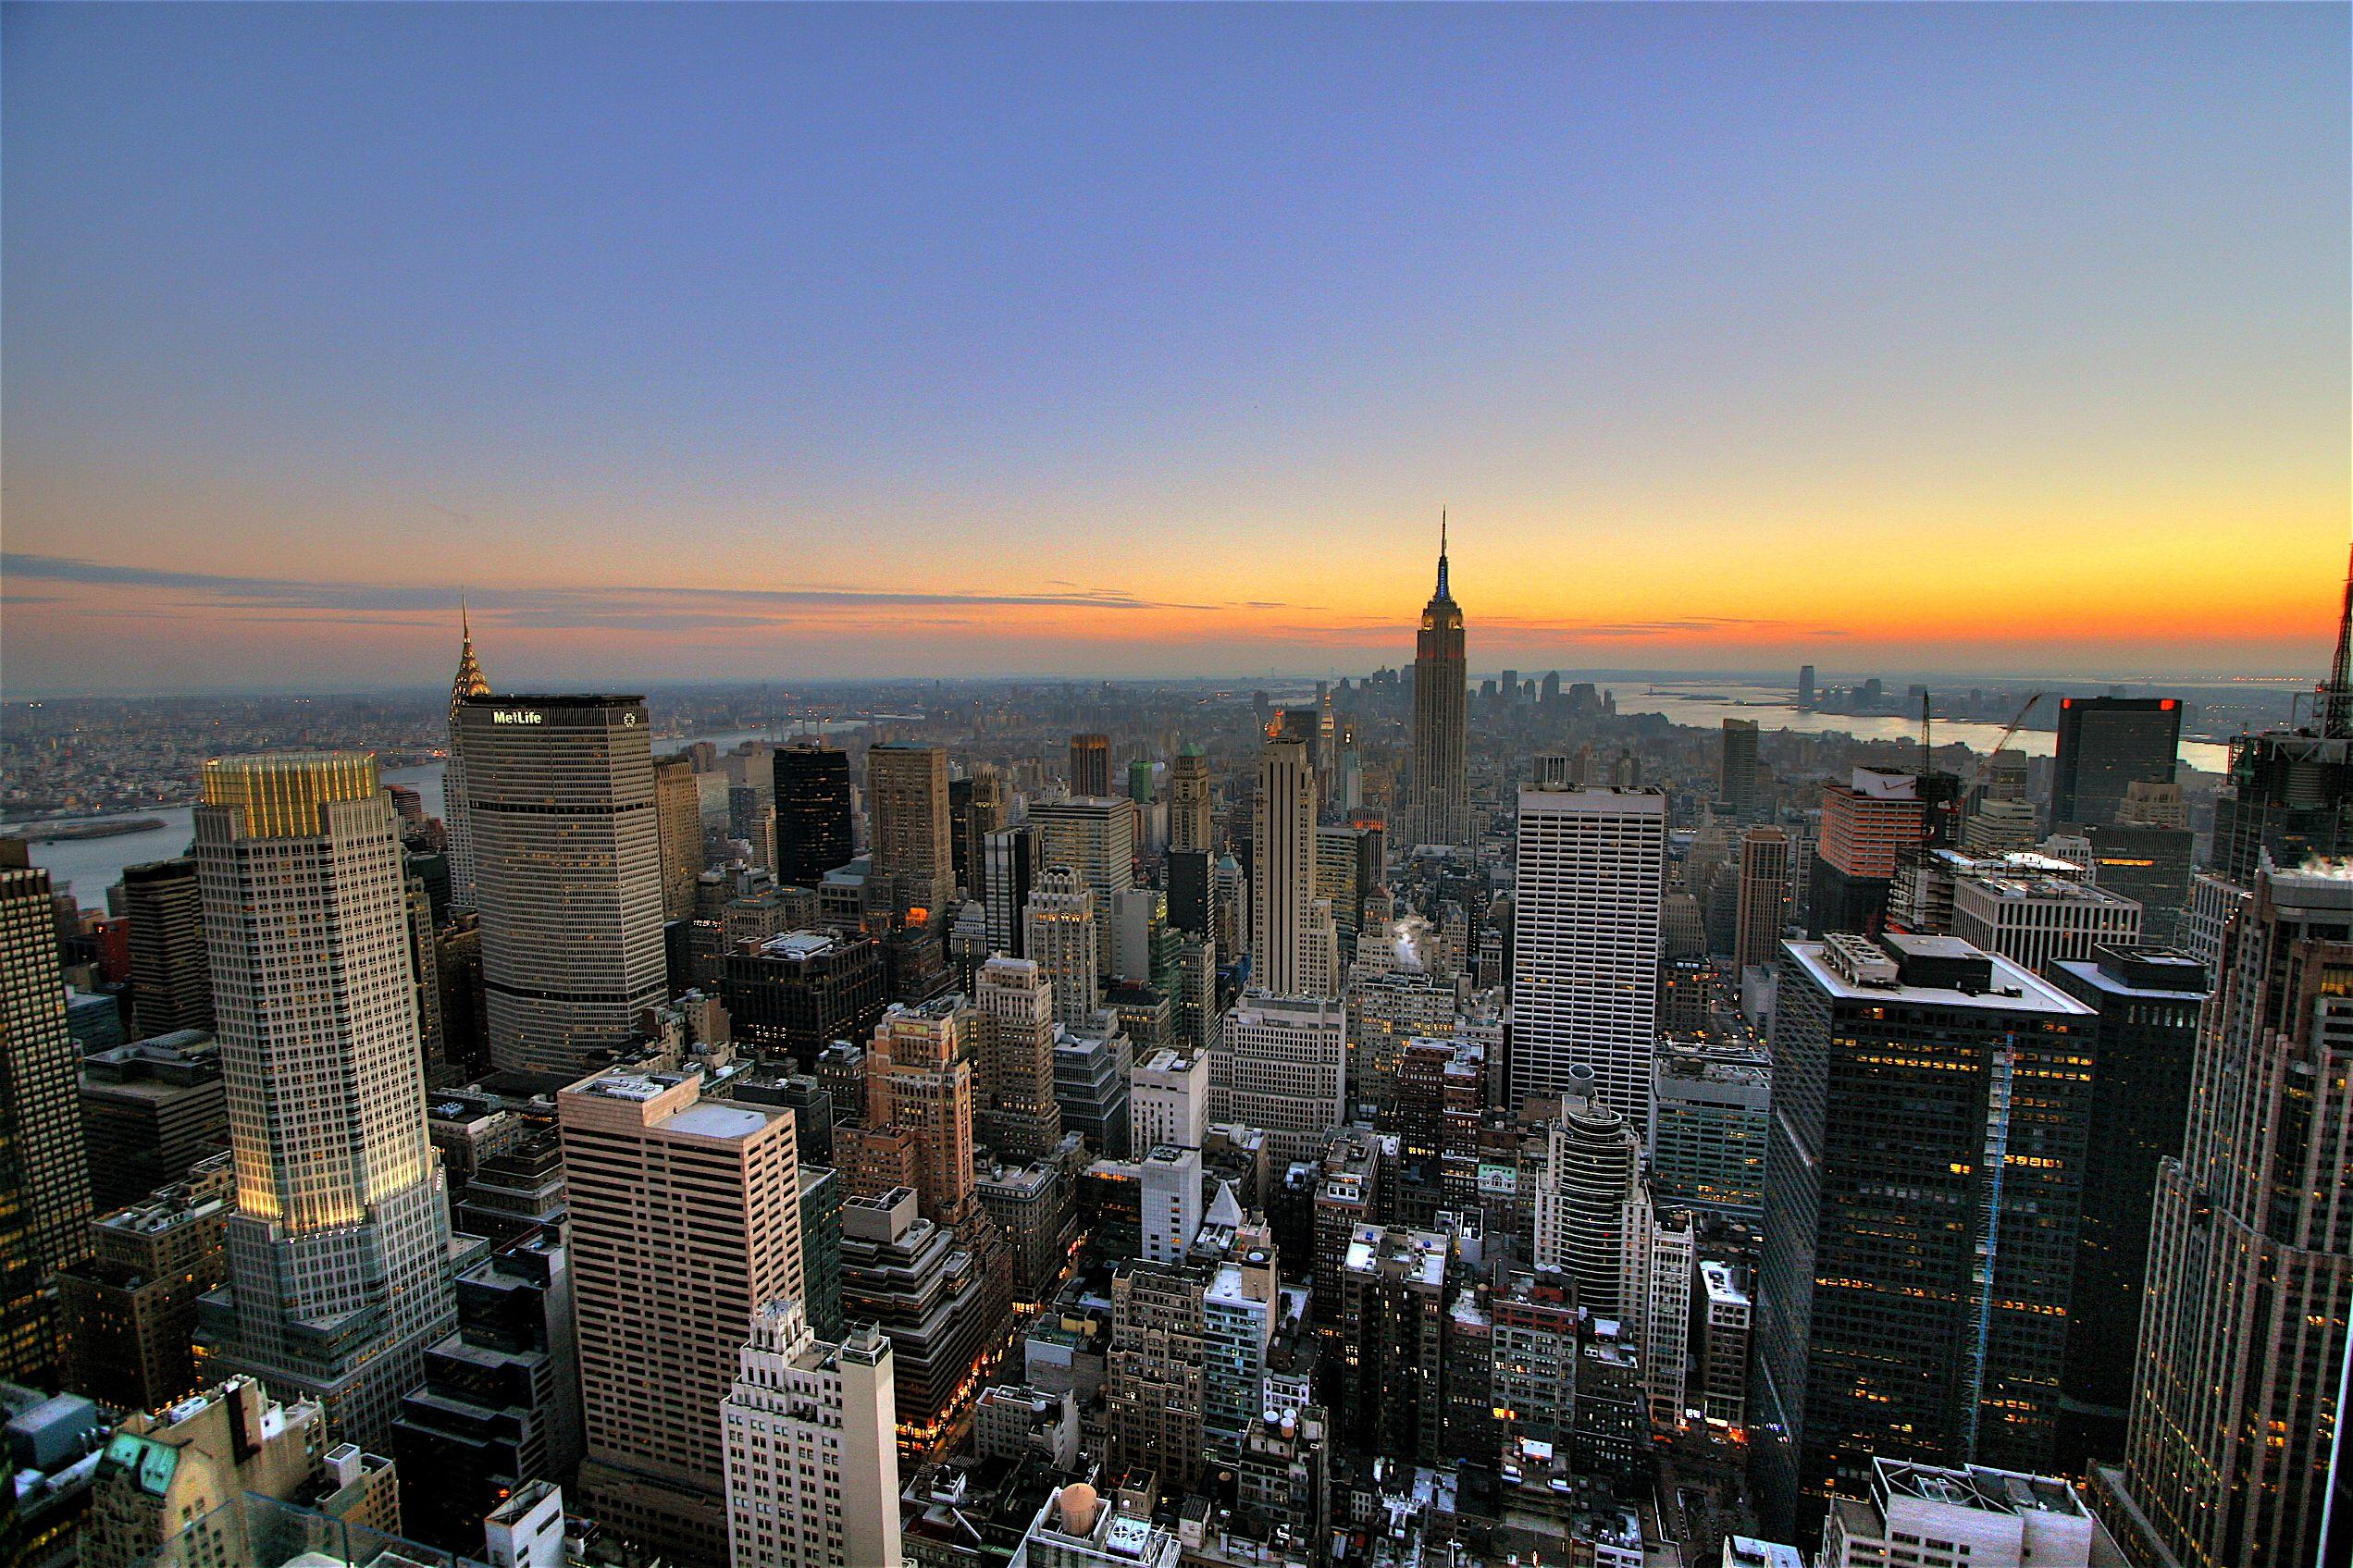 New york city sunset skyline wallpaper widescreen hd background new york city sunset skyline wallpaper widescreen hd background voltagebd Gallery